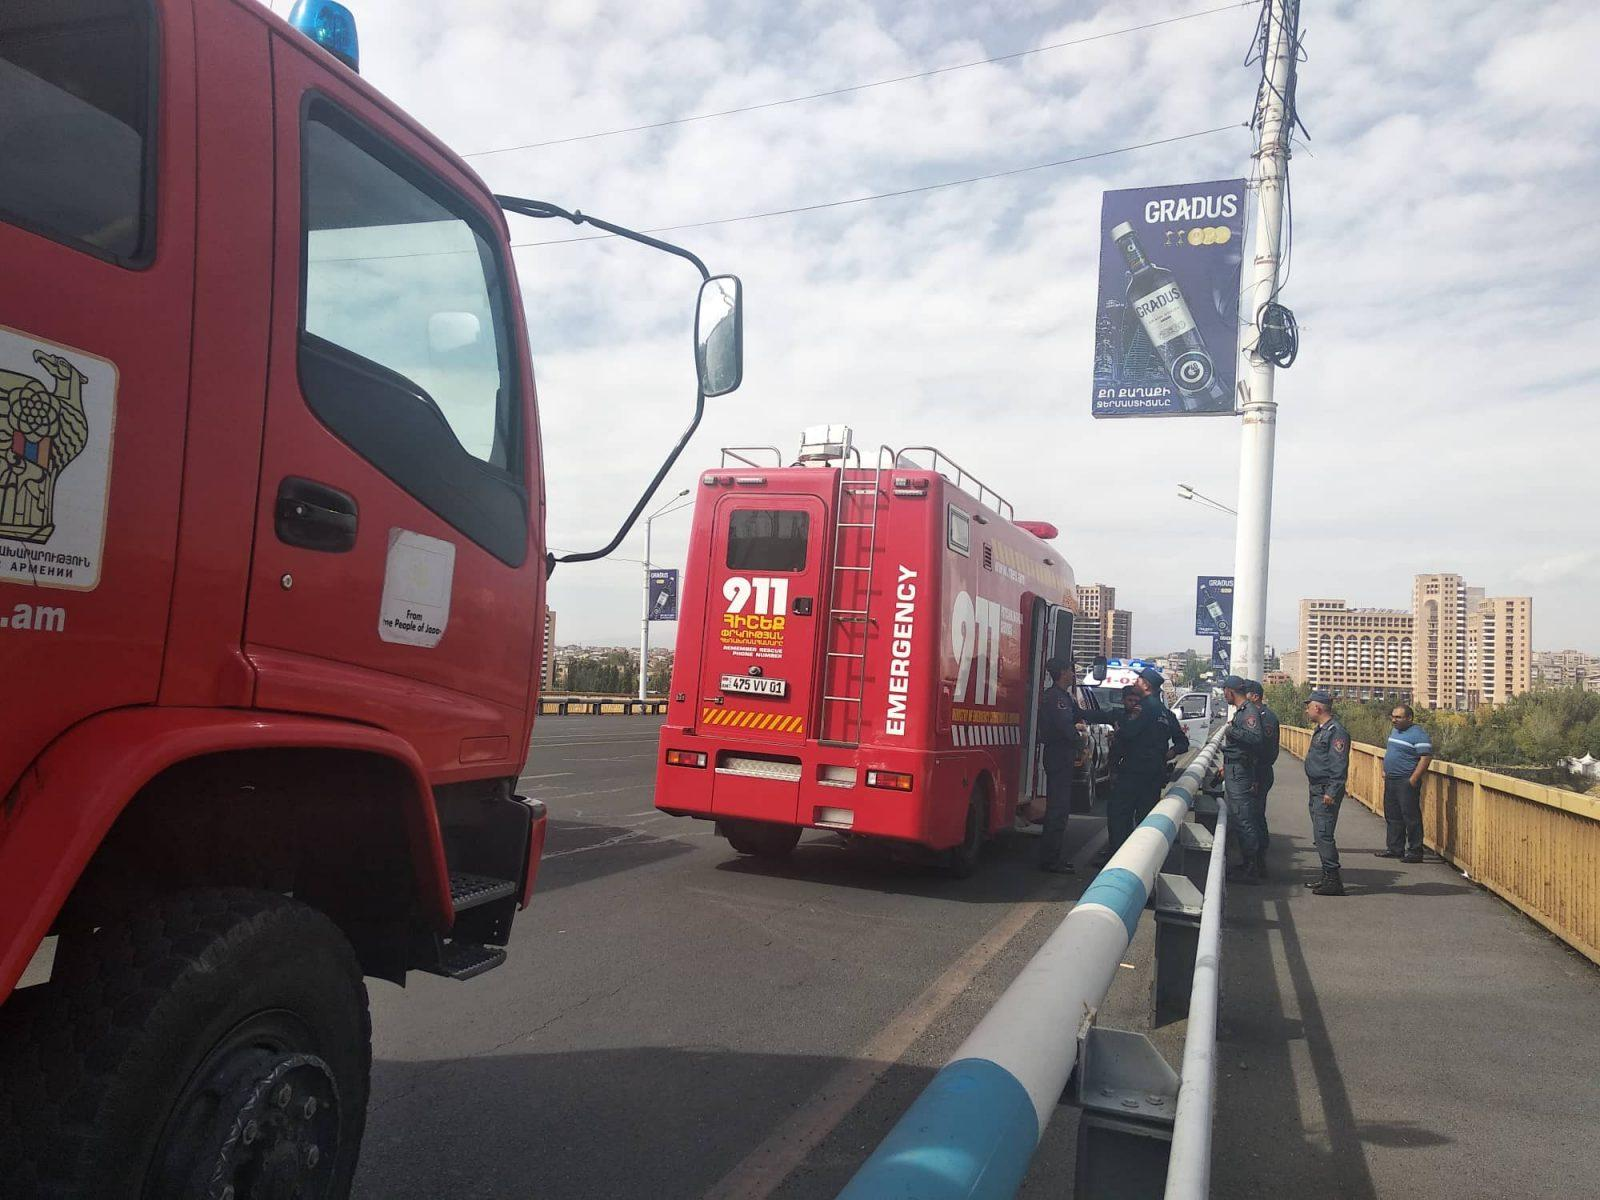 ՖՈՏՈ. ՏԵՍԱՆՅՈՒԹ. Ինքնասպանության փորձ Դավթաշենի կամրջի վրա. ոստիկանները վայրկյանների ճշգրտությամբ են փրկել կնոջ կյանքը